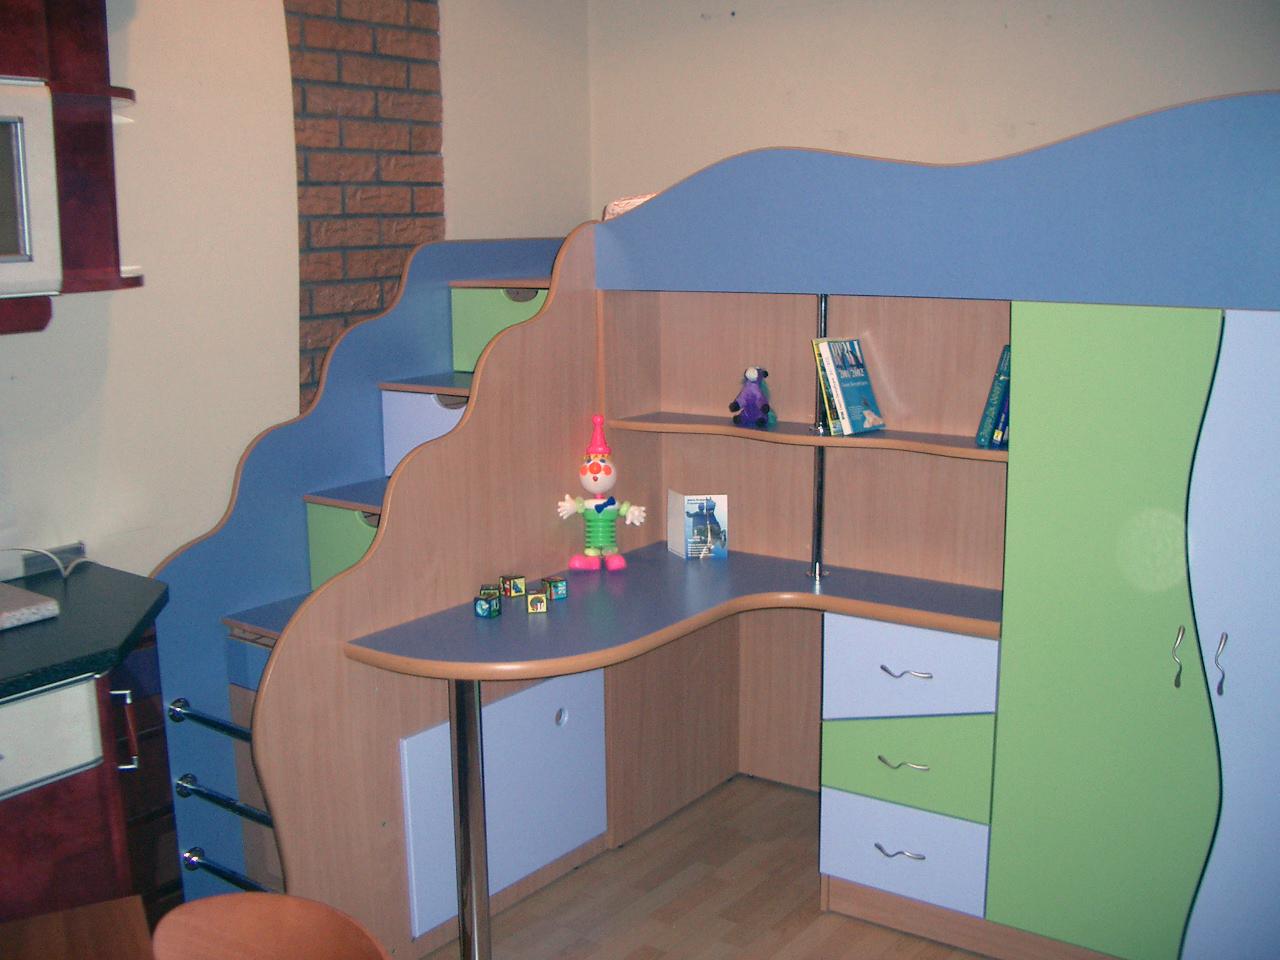 Современные детские комнаты должны быть оснащены удобной и экологически безопасной детской мебелью. Детская мебель, как правило, имеет несколько основных предметов - детские кровати, которые также могут быть двух ярусными, письменные столы и шкафы с тумбочками.